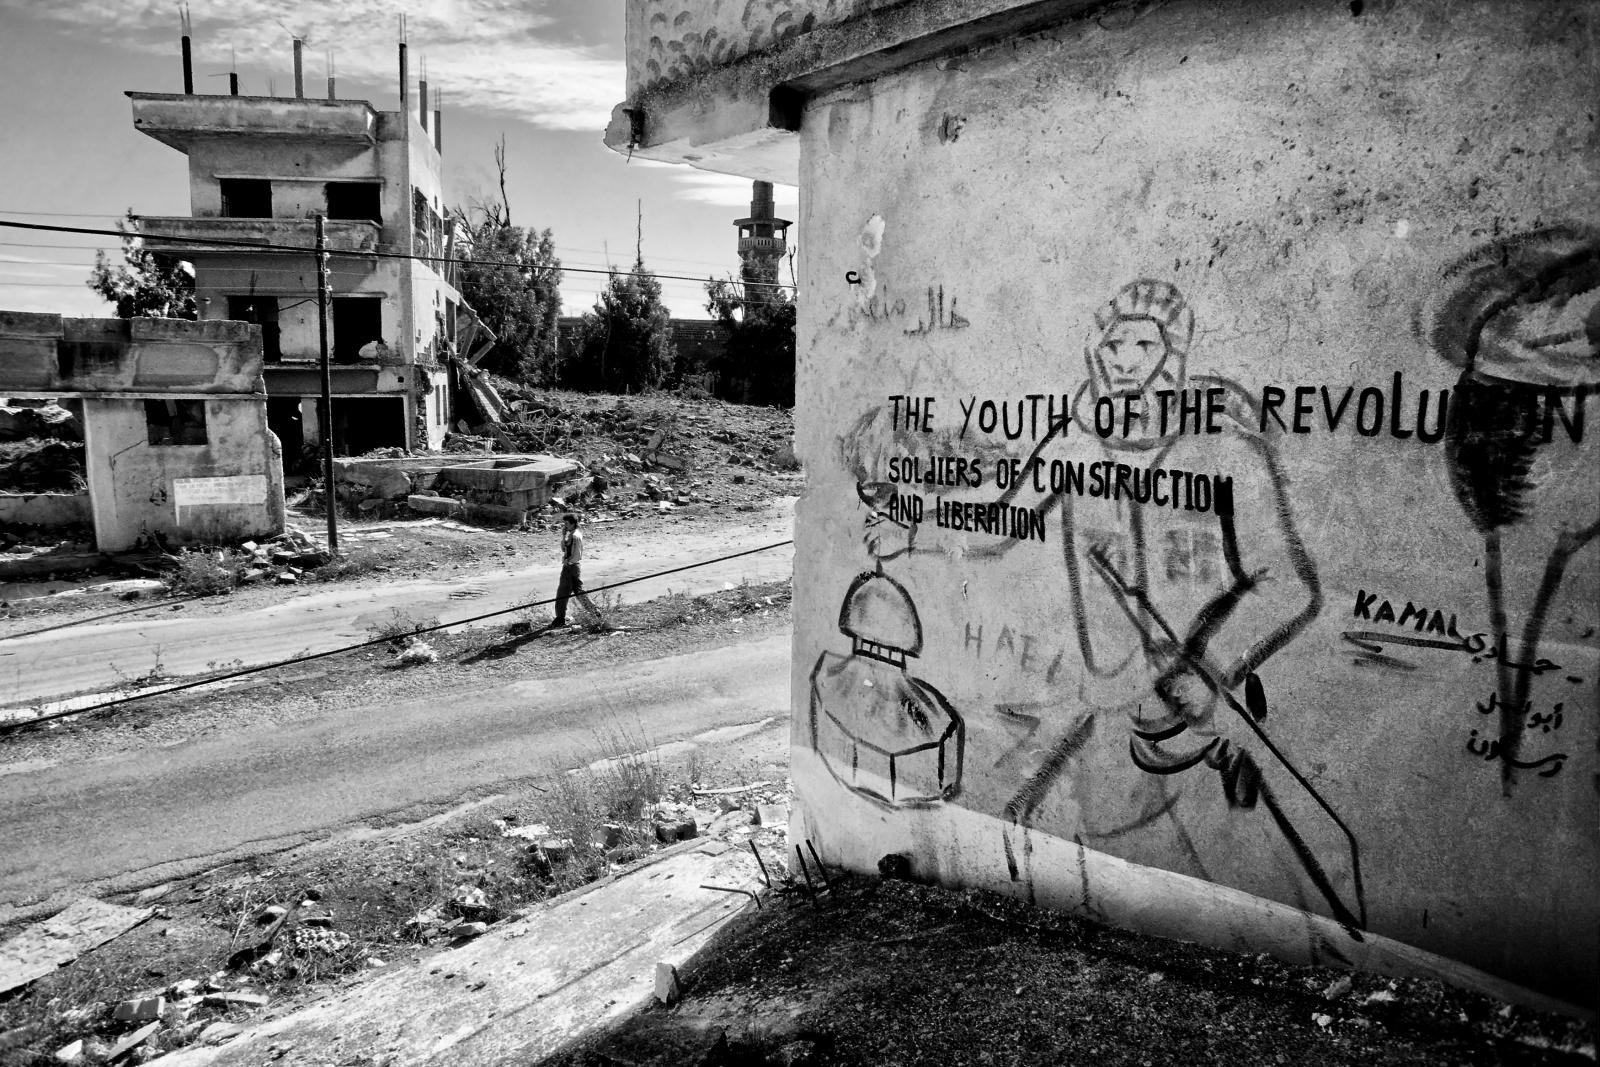 """Siria, Alture del Golan, """"Shouting valley"""" la valle delle urla. La città fantasma di Quneitra abbandonata nel 1967 dopo la sconfitta siriana nella """"Guerra dei sei Giorni"""".  A Quneitra non abita più nessuno: il governo siriano non l'ha ricostruita consegnandola come monito alle future generazioni"""